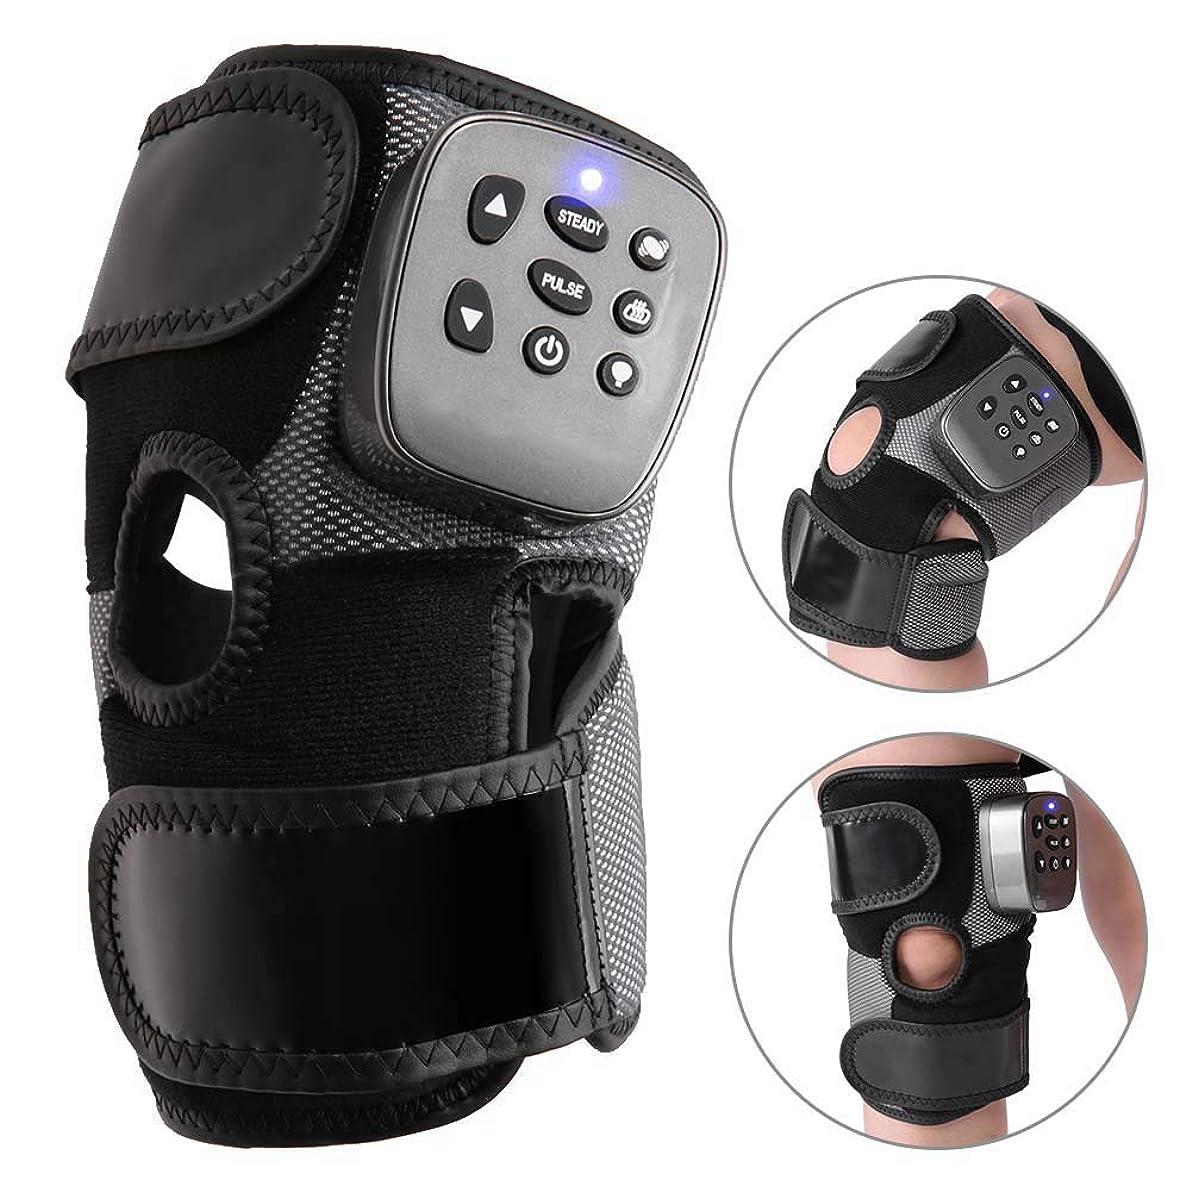 どこにでもこしょうティッシュ膝のマッサージャー、電気暖房の振動マッサージの膝の苦痛救助のマッサージャー